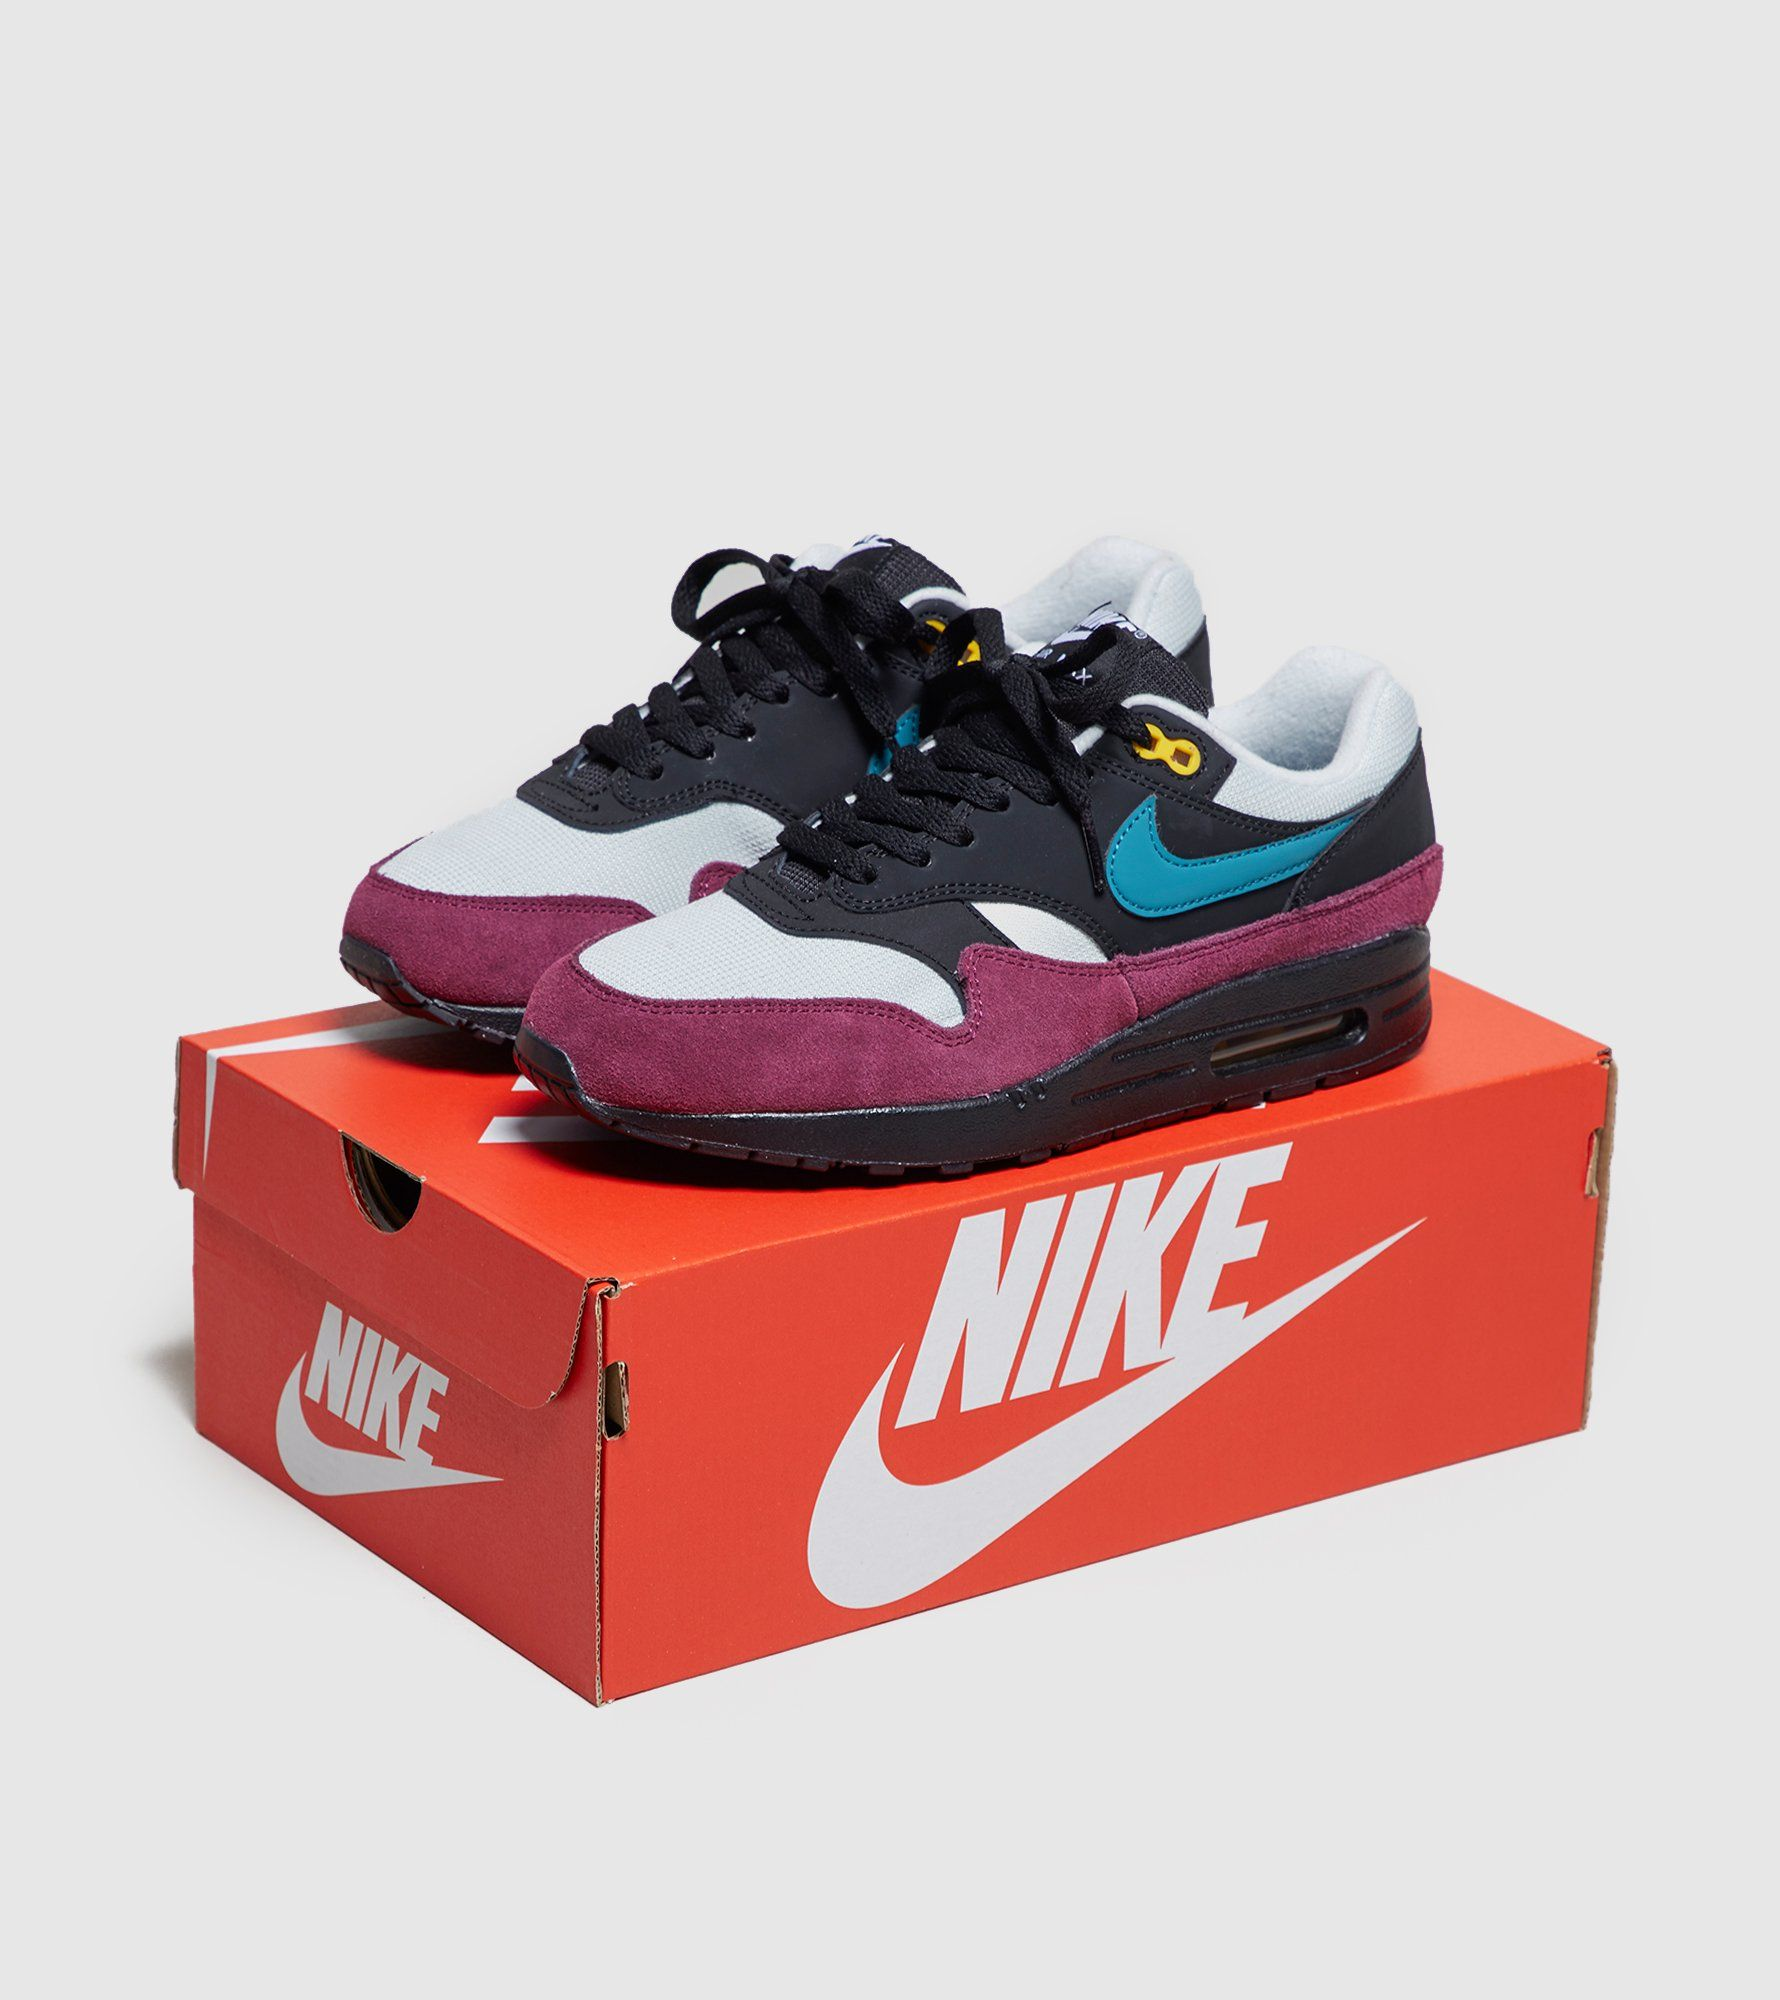 Nike Air Max 1 OG Femme